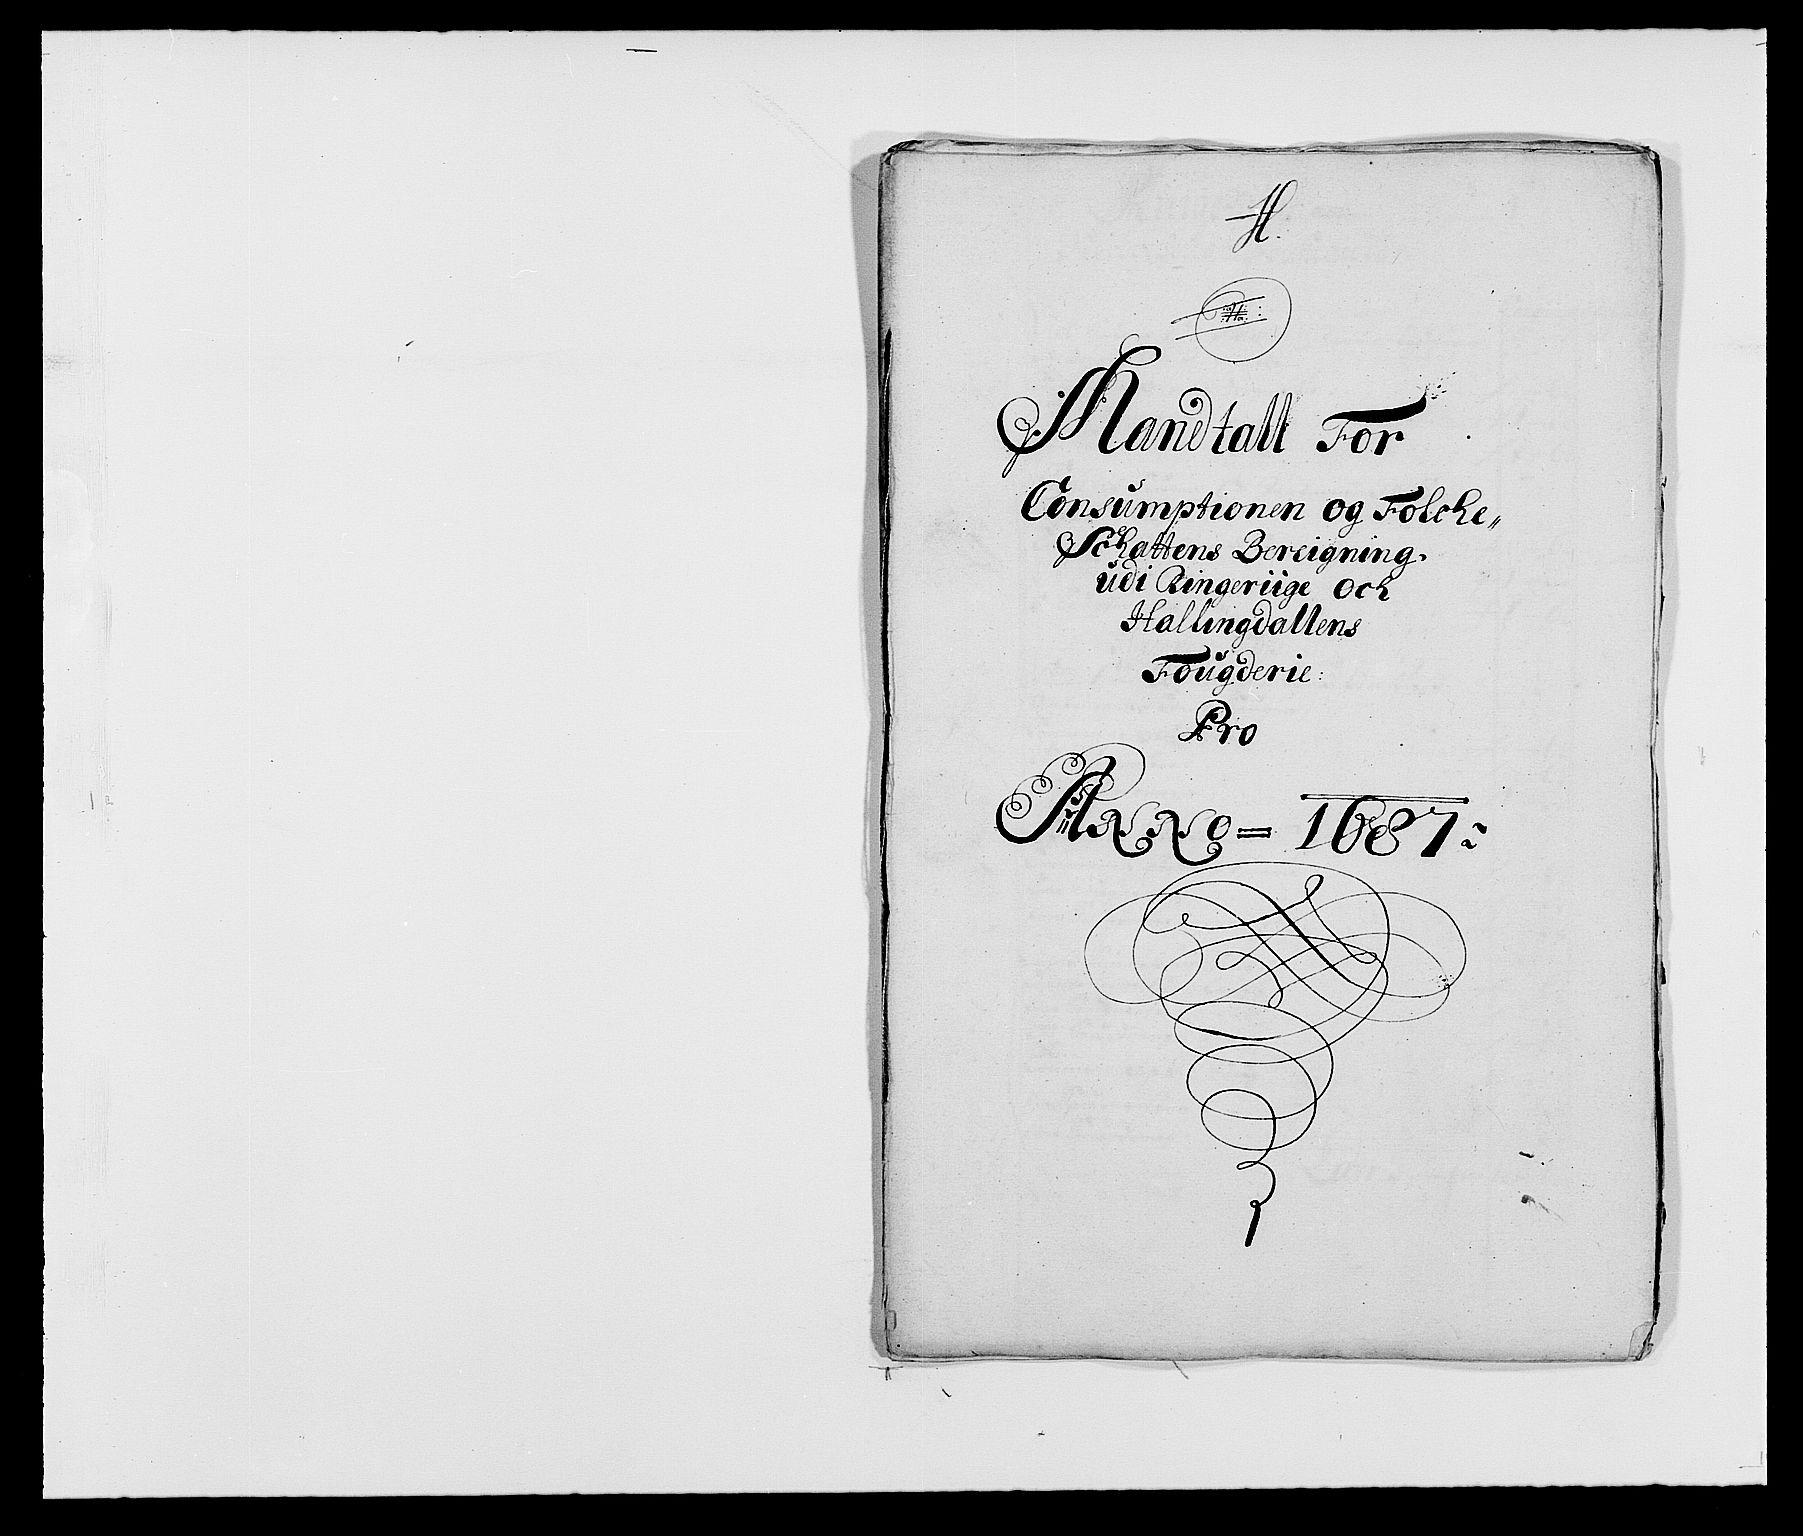 RA, Rentekammeret inntil 1814, Reviderte regnskaper, Fogderegnskap, R21/L1447: Fogderegnskap Ringerike og Hallingdal, 1687-1689, s. 66